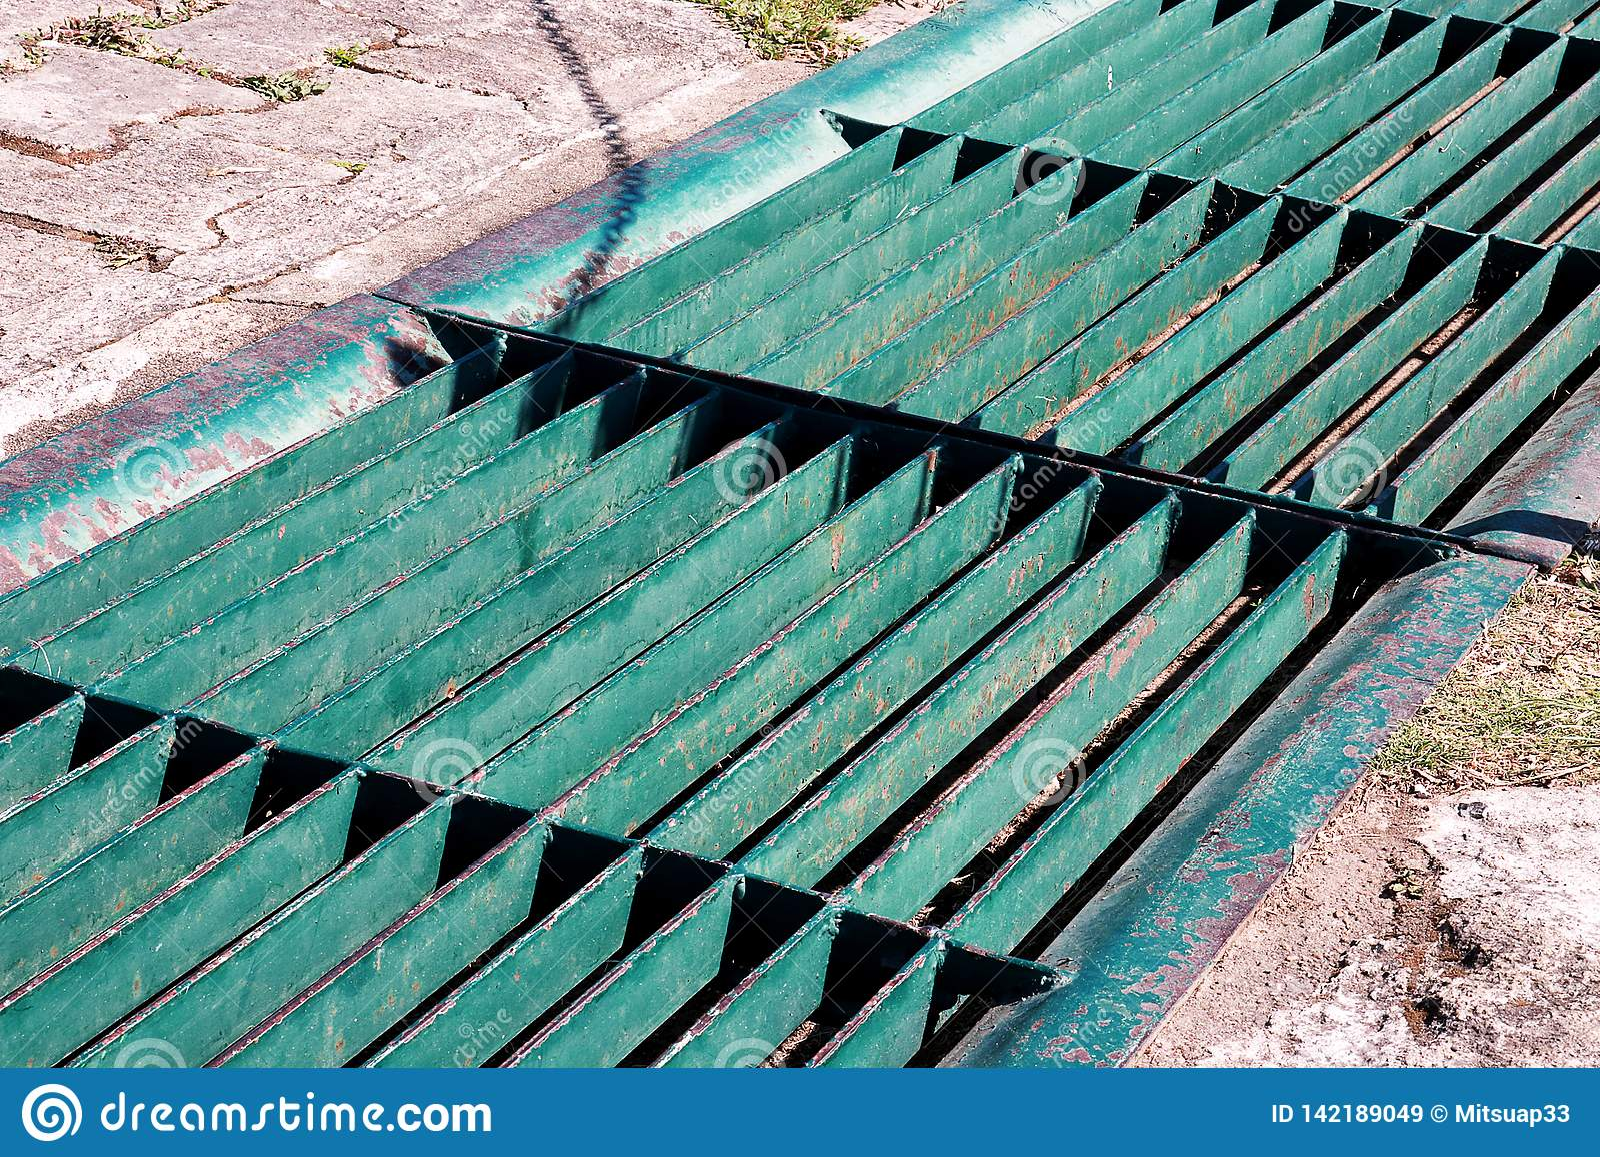 Rynna odcieku kratownica, odciek pokrywa Droga odcieki - kanał ściekowy pokrywa Żelazna kratownica woda odciek na drodze w każdy